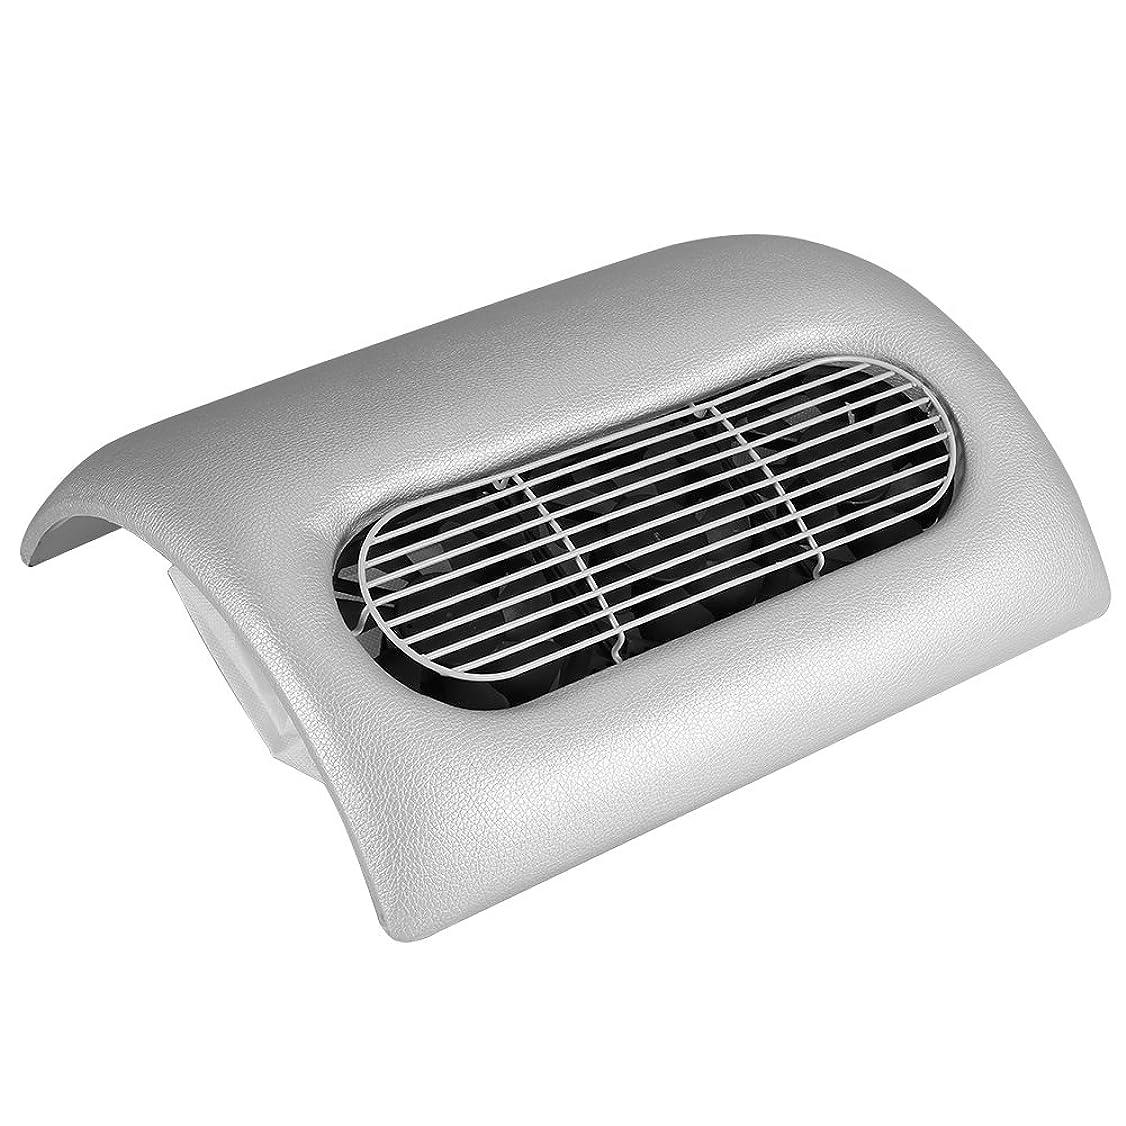 マント底微視的ネイルダストサクション、サロンアートジェルポーランドマニキュア掃除機実用サロン洗浄装置